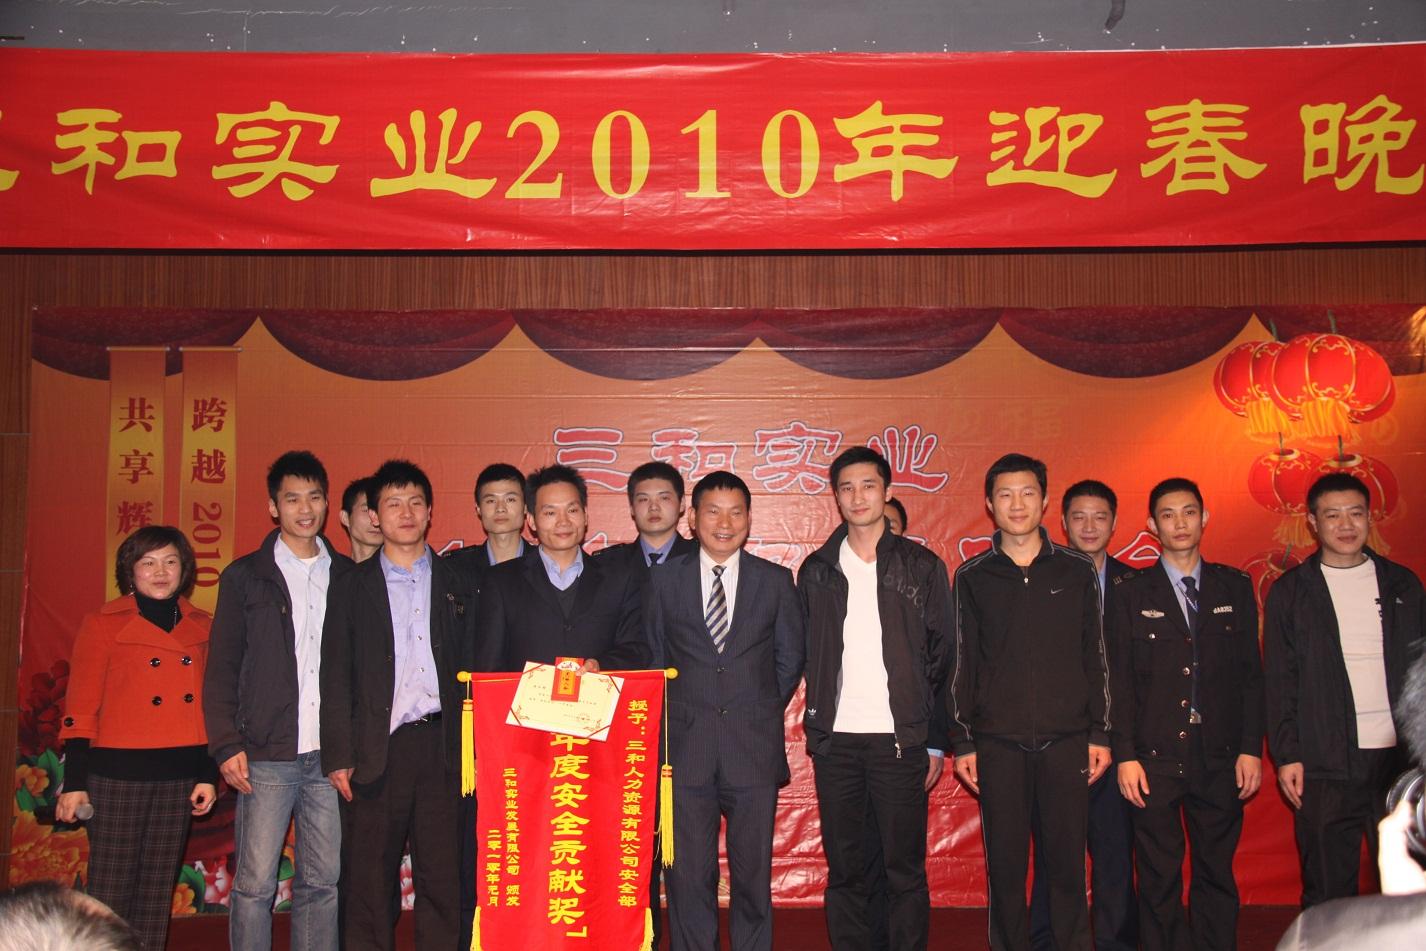 讨论:深圳龙华三和人才市场招聘信息非常虚假